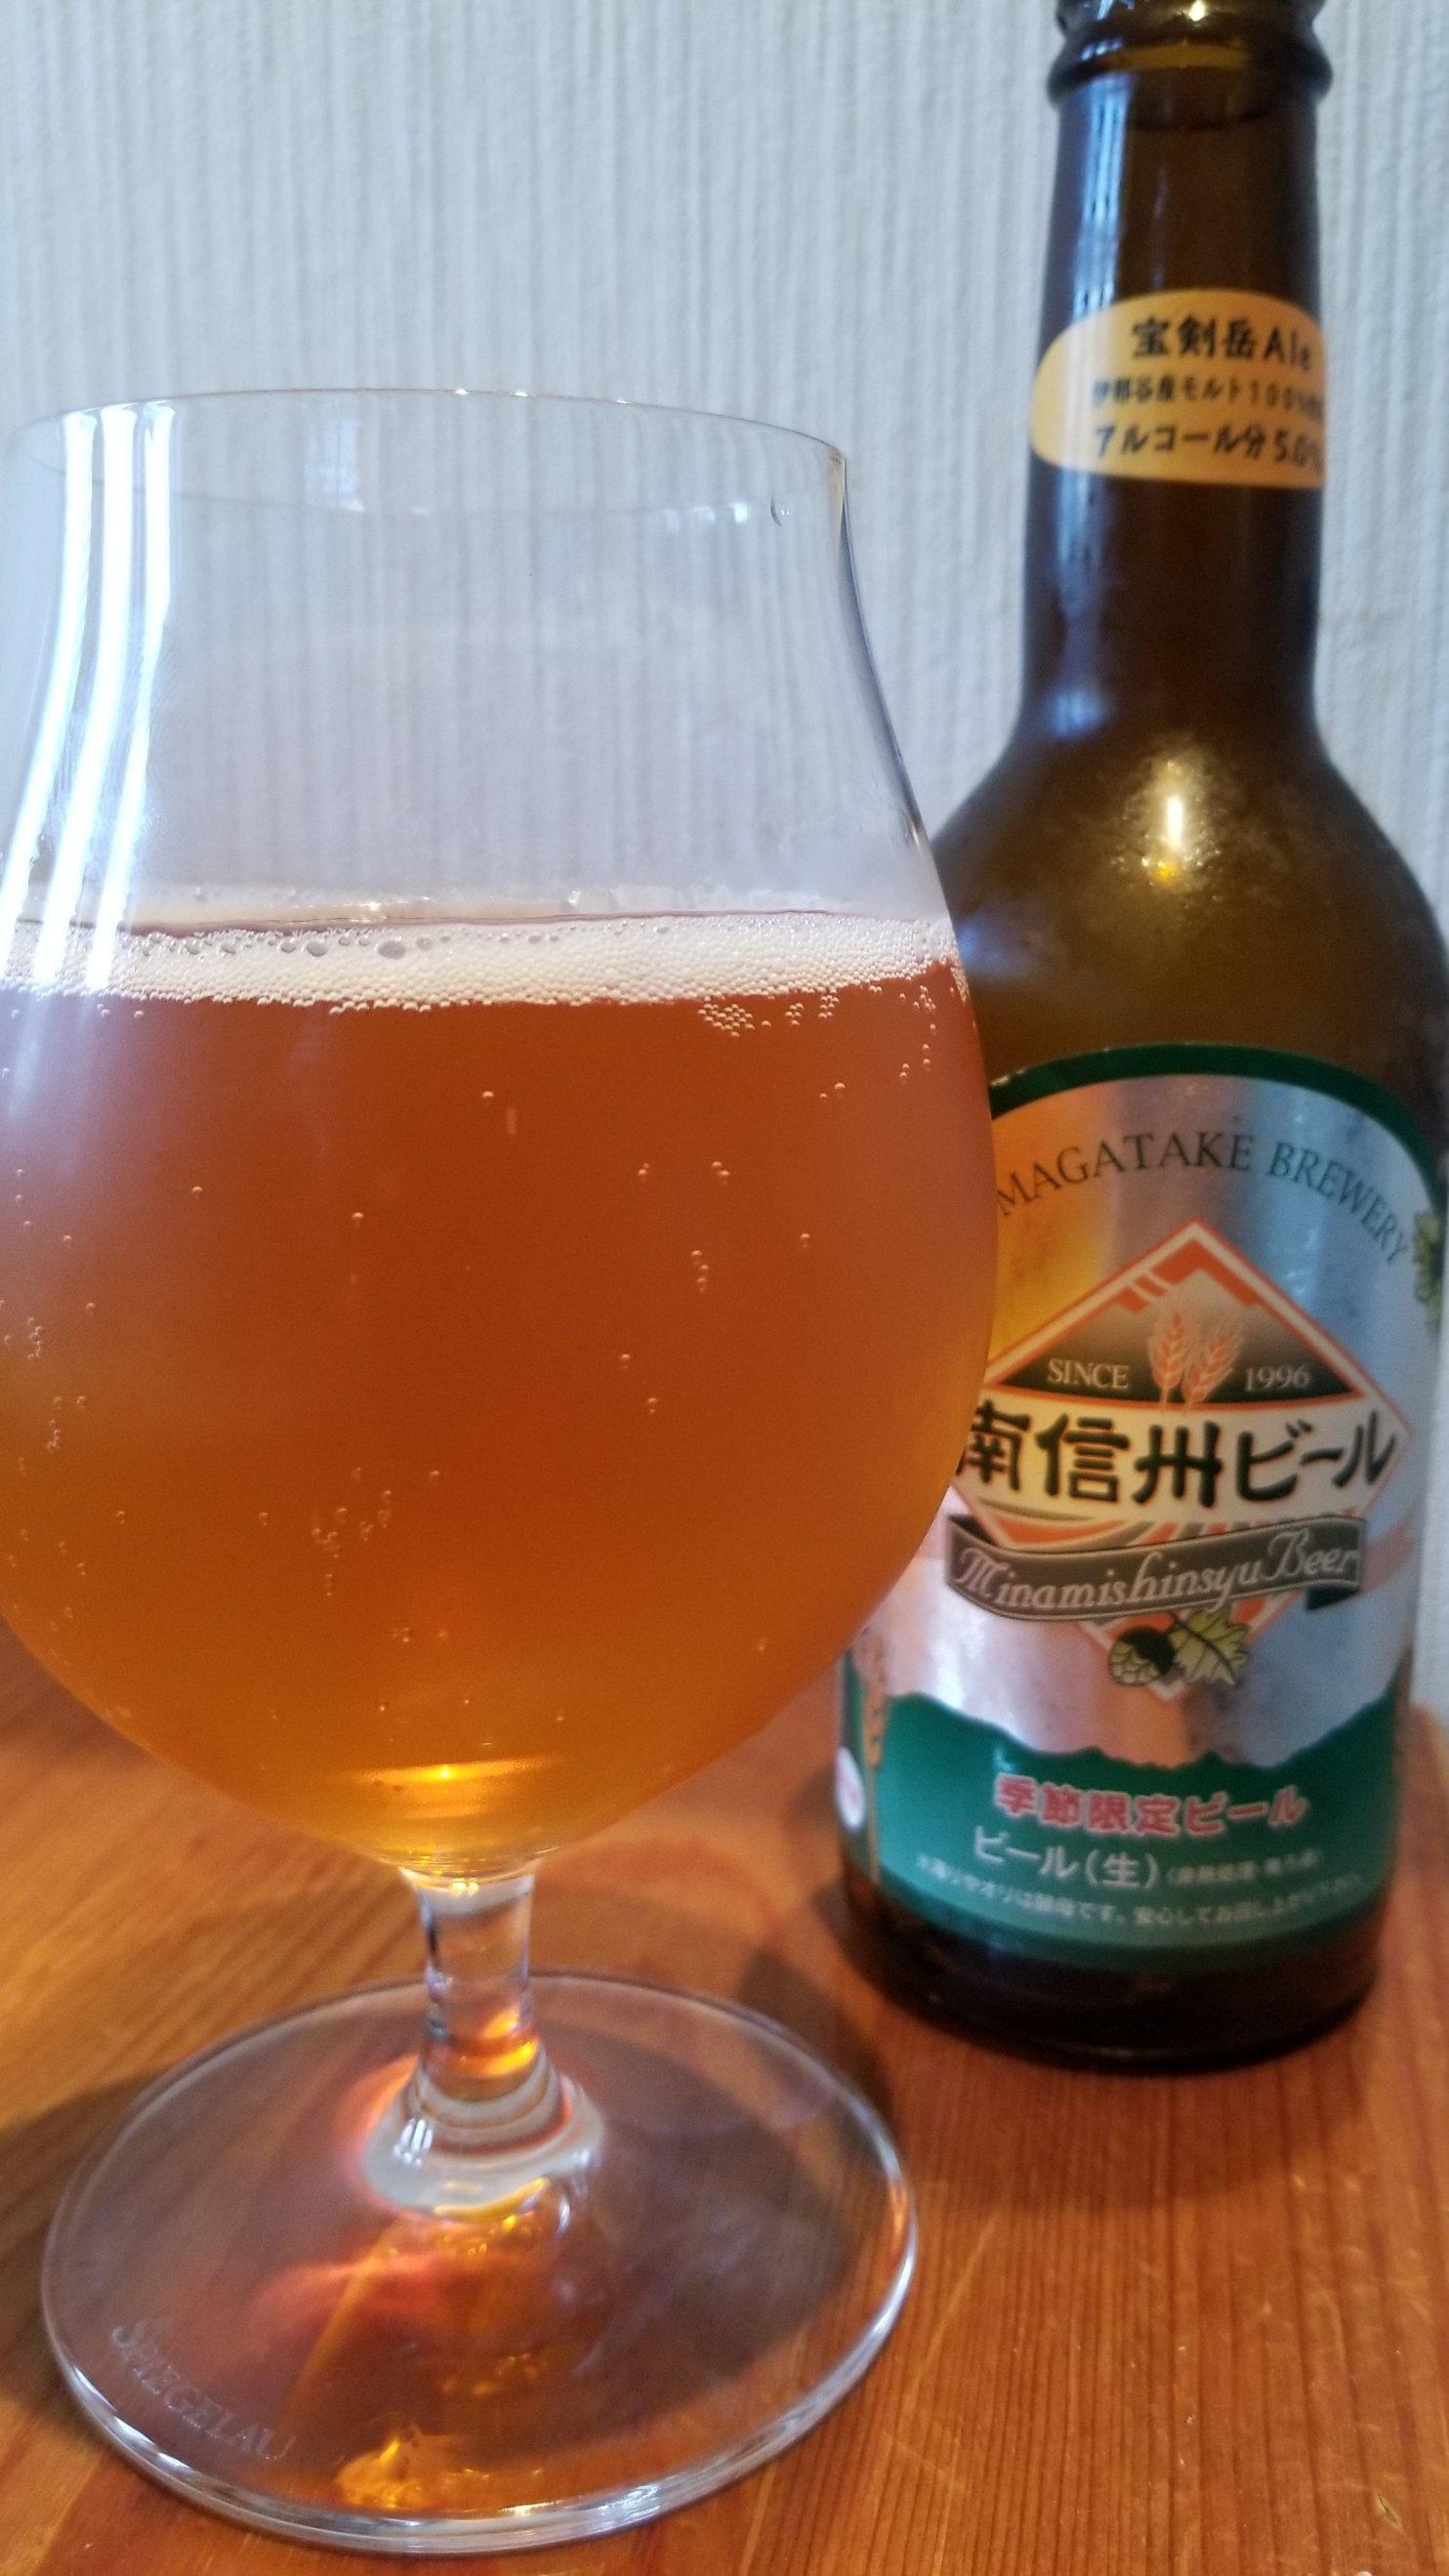 Minamishinshu Hokentake Ale 南信州ビール宝剣岳エール